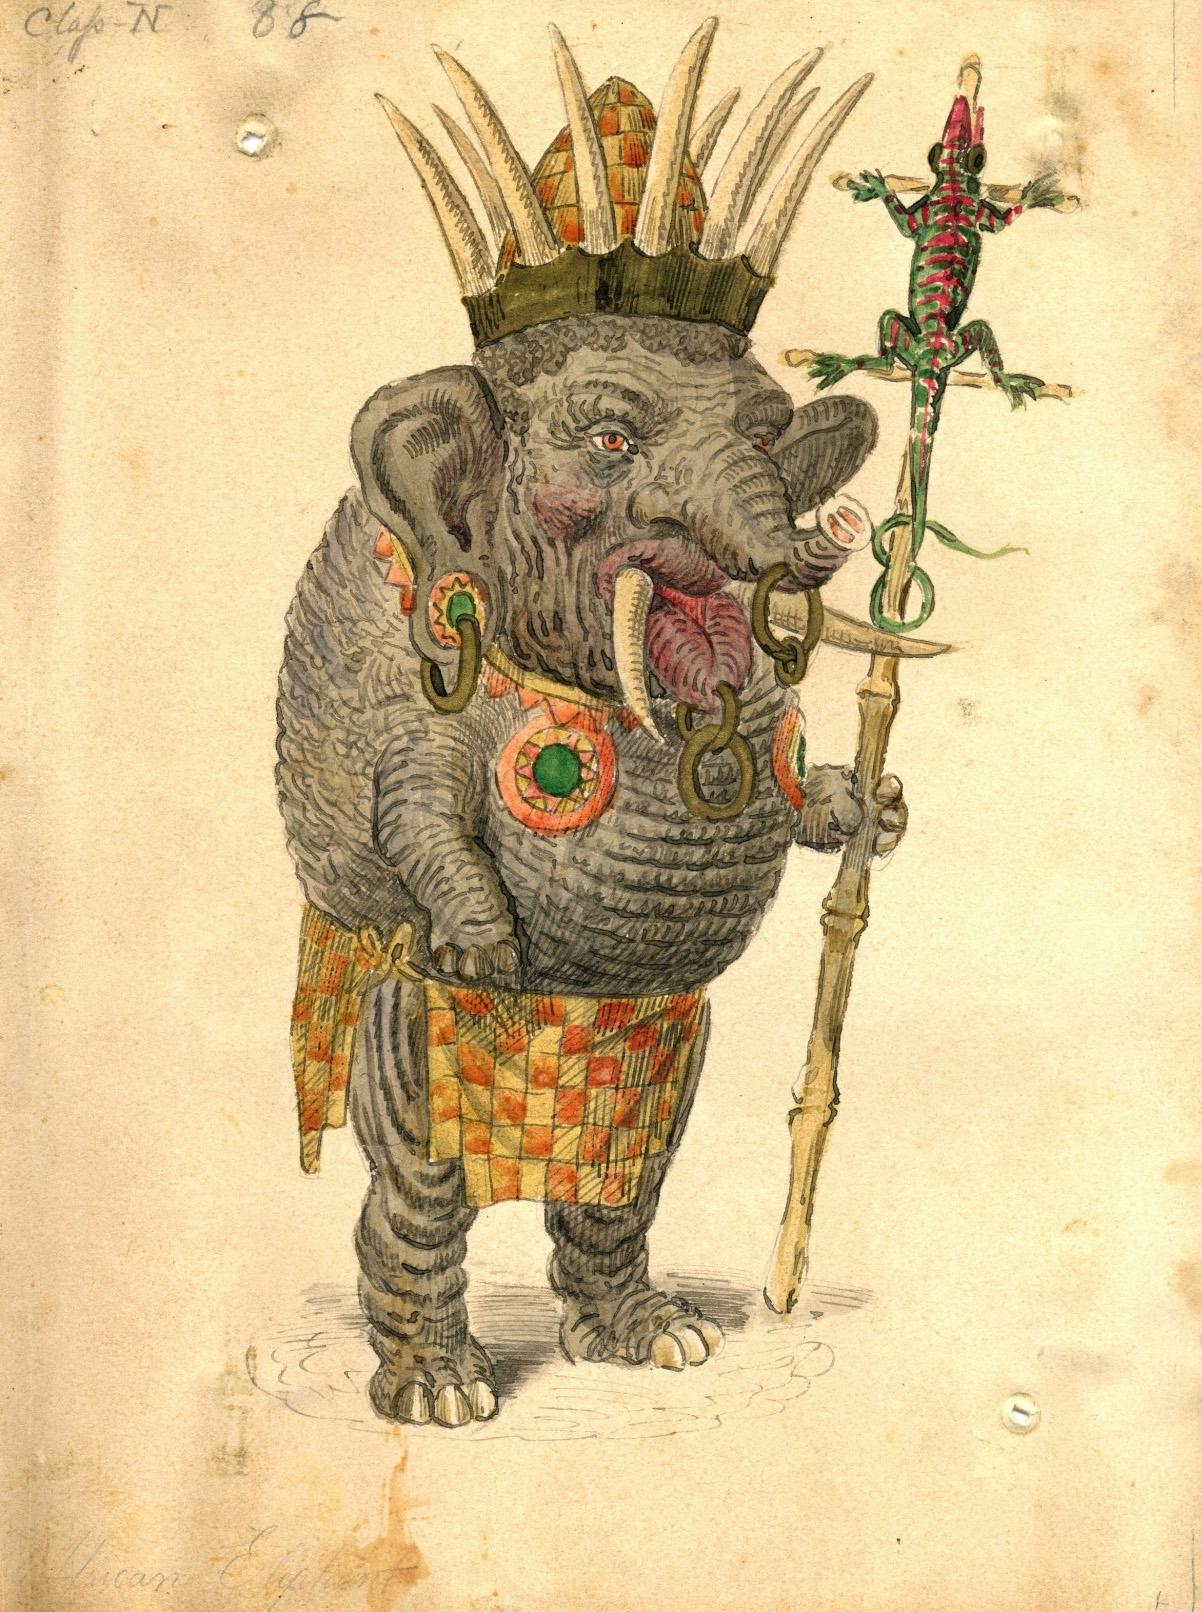 Charles Briton - Wild Boar Costume Design, 1873